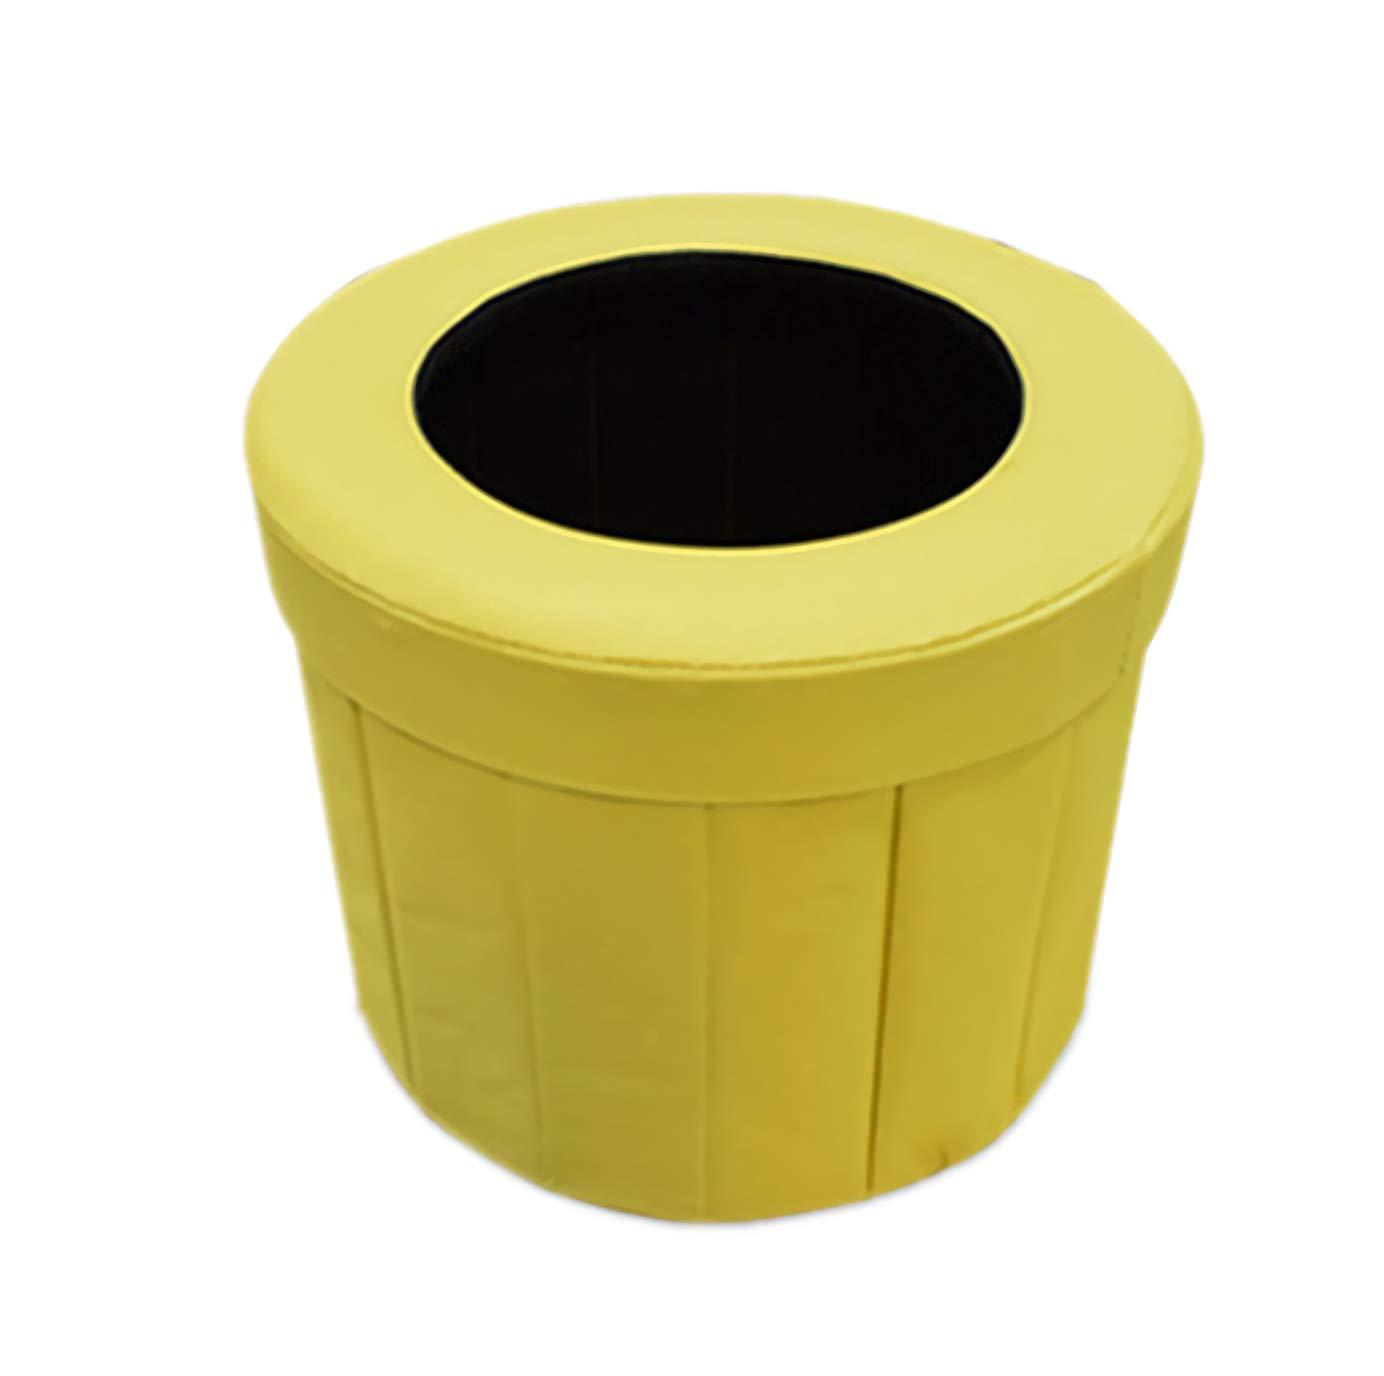 Qwhome Tragbare Zusammenklappbare Auto-Toilette/Fahrzeugurinbeutel - Geeignet Für Outdoor-Töpfchen Notfall, Camping Und Schlafen, Auto-Reisen, Schwangere Frauen